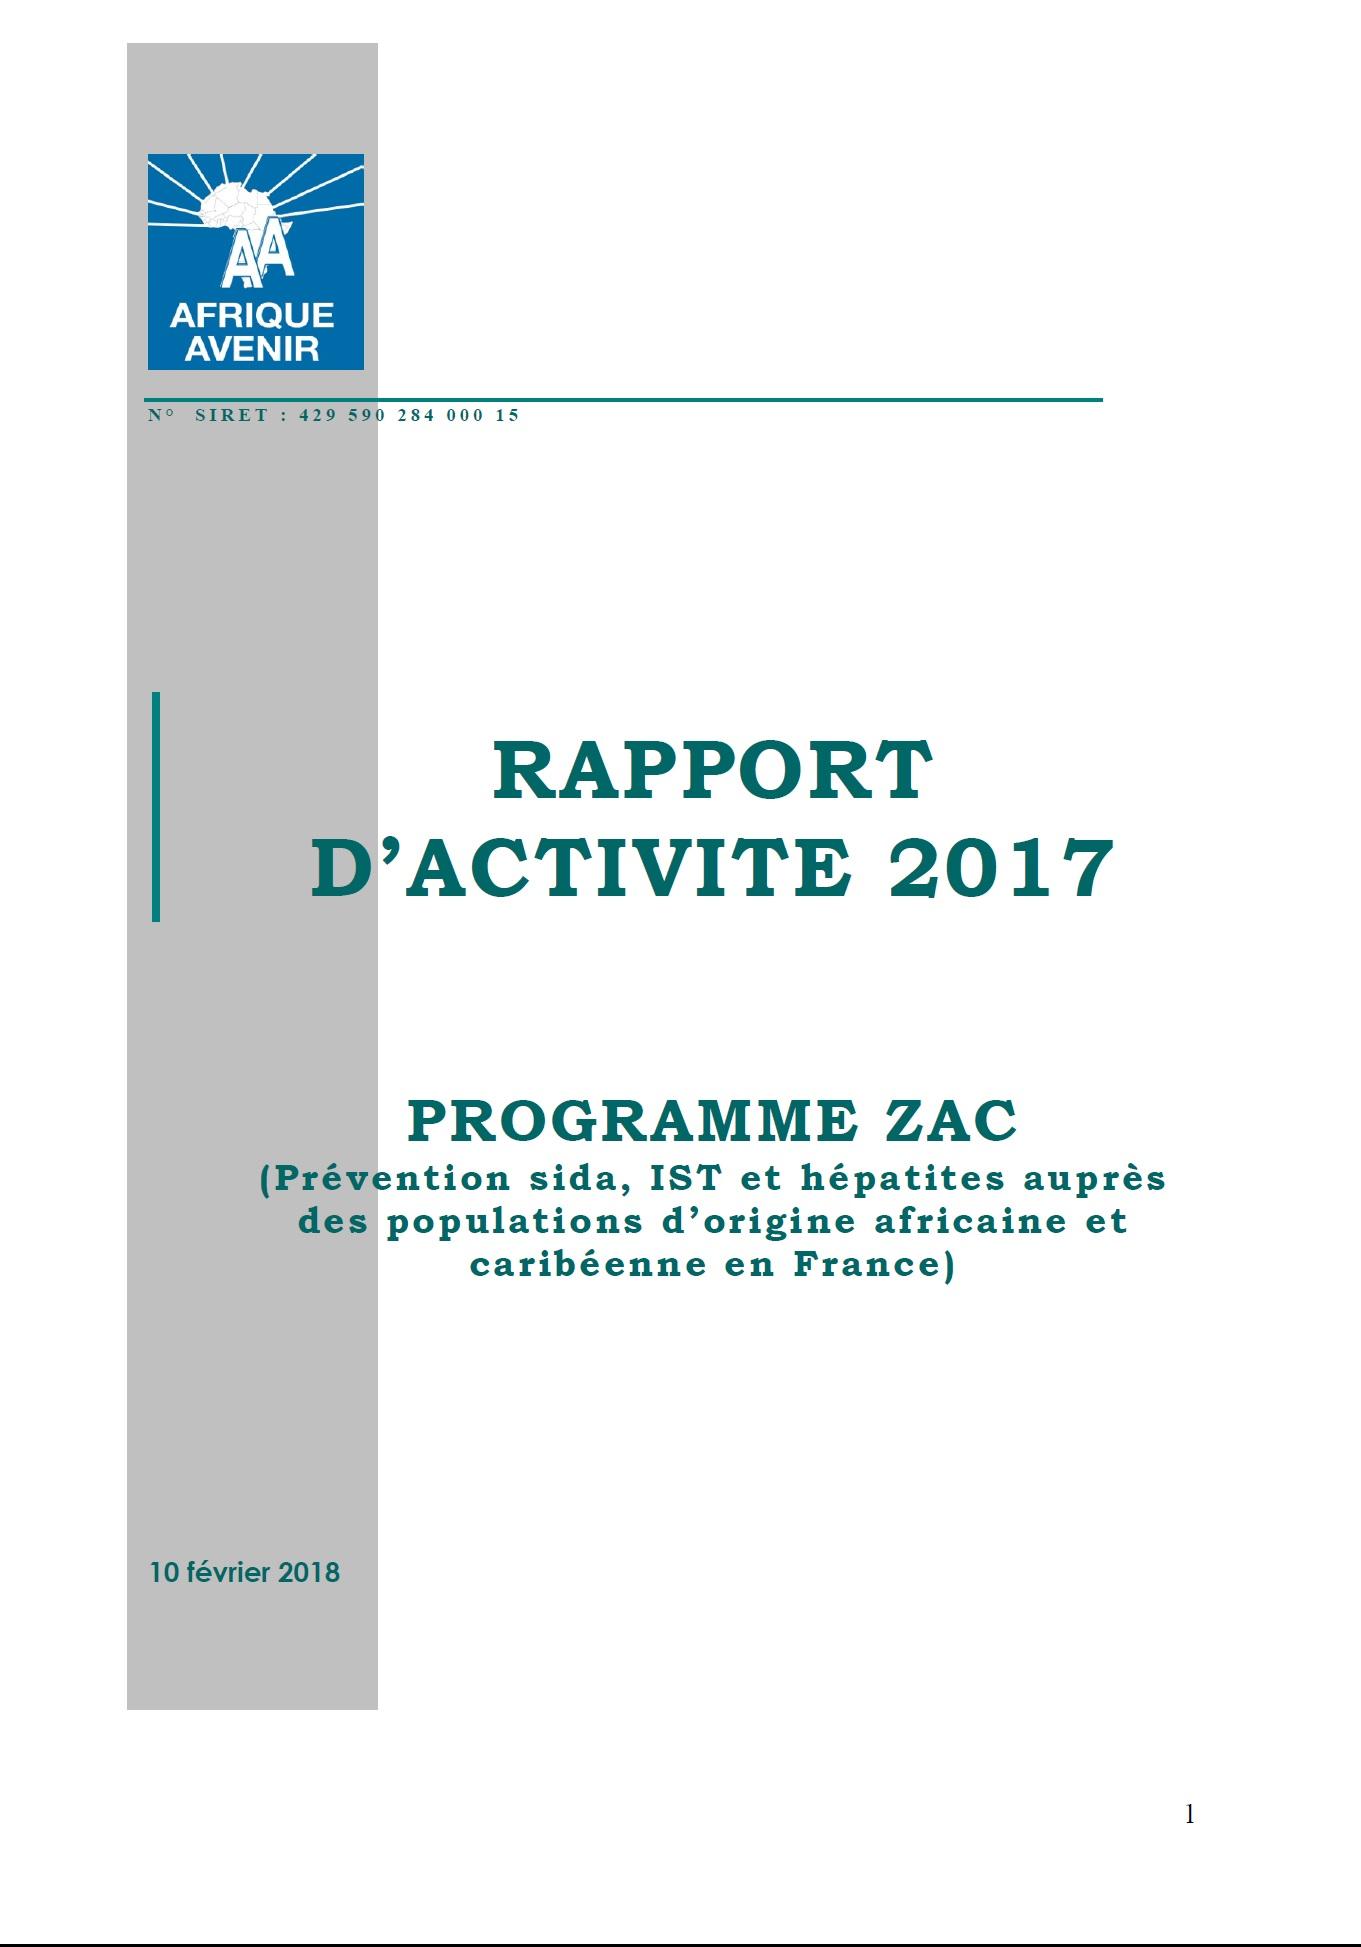 RAPPORT D'ACTIVITE 2017